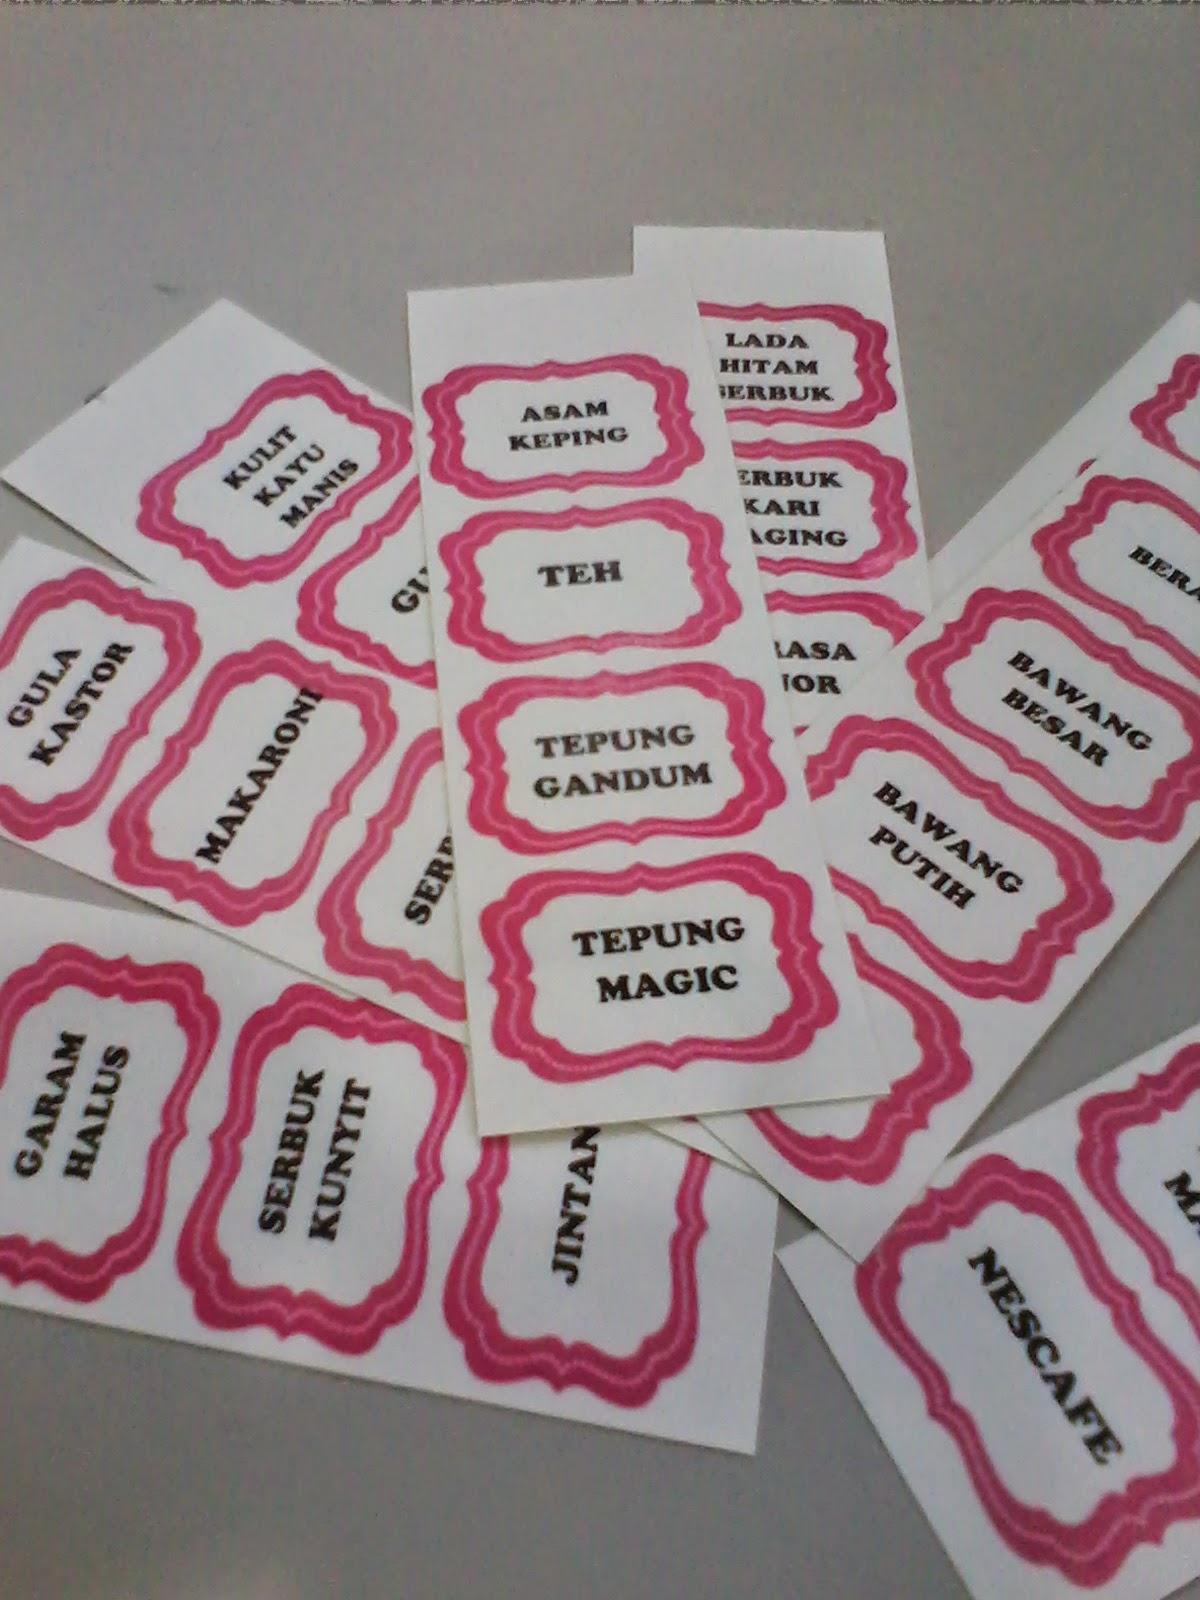 Label Ni Aku Print Atas Ketas Stiker Tapi Nak Bagi Berkilat Lekat Ablk Silotape Jernih Kat Bekas Letak Dapur